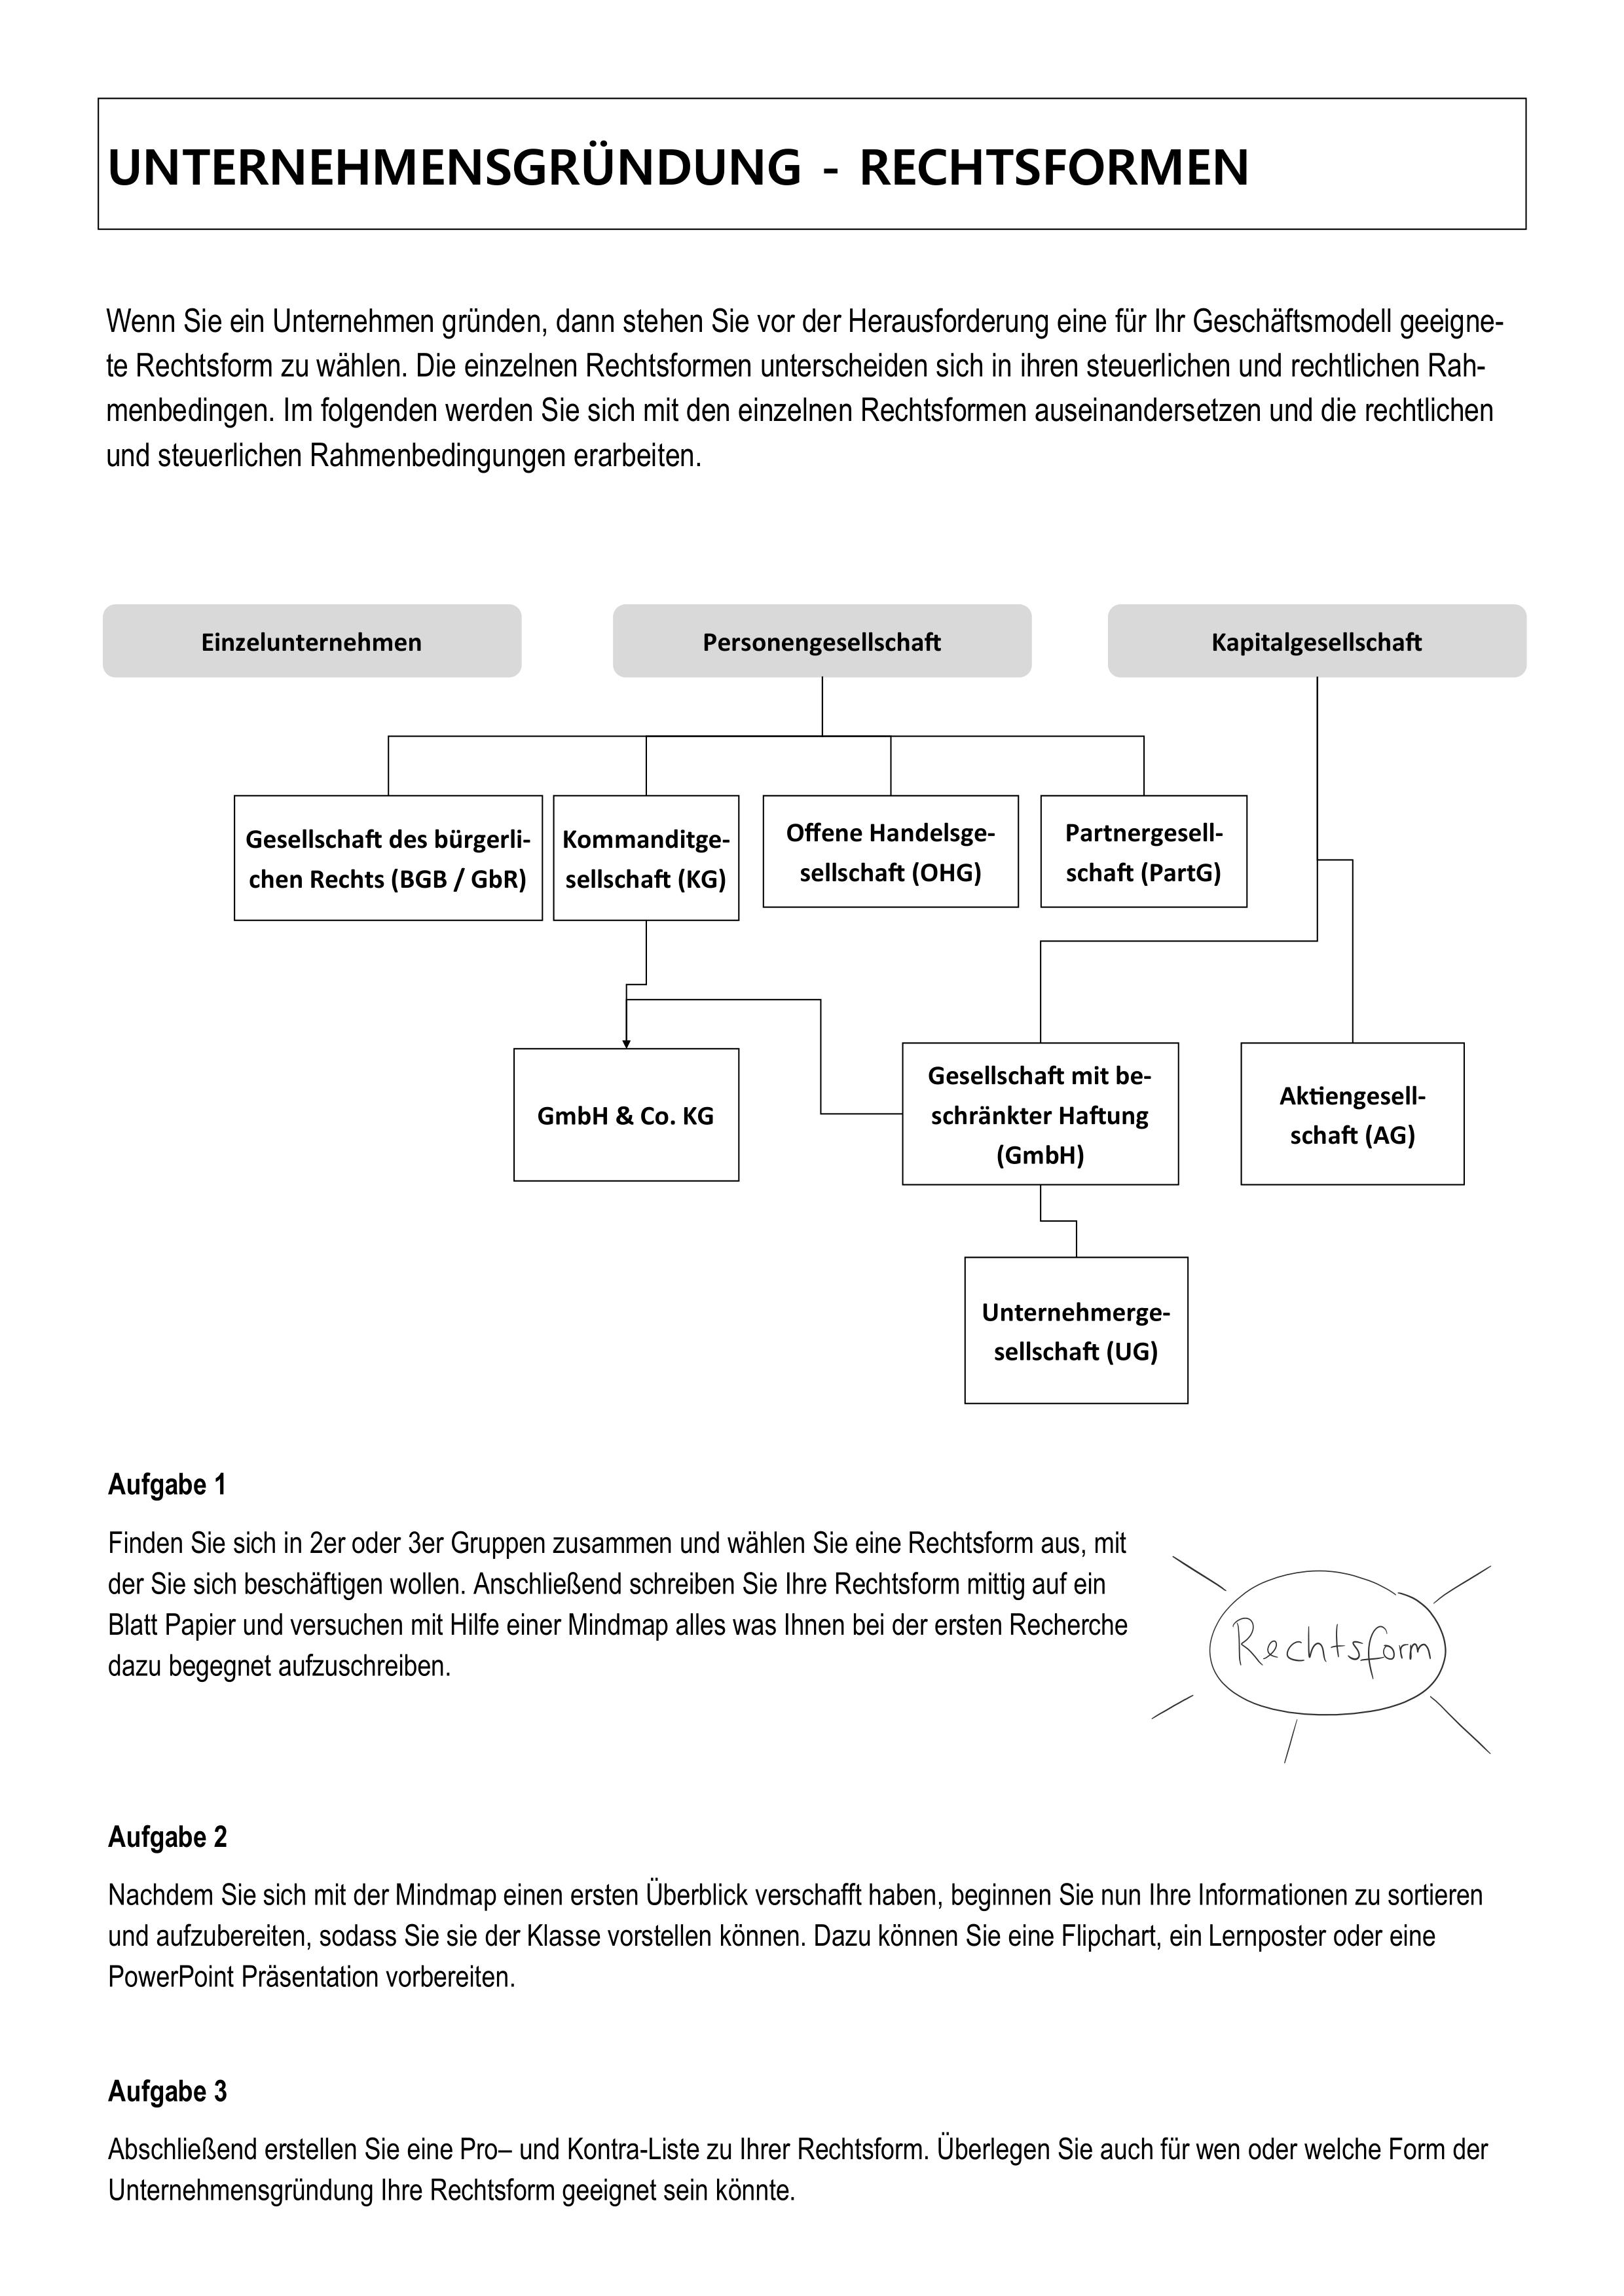 Rechtsformen Unterrichtsmaterial In Den Fachern Wirtschaft Wirtschaft Versicherung Verwaltung Bs In 2020 Rechtsformen Schulalltag Lernen